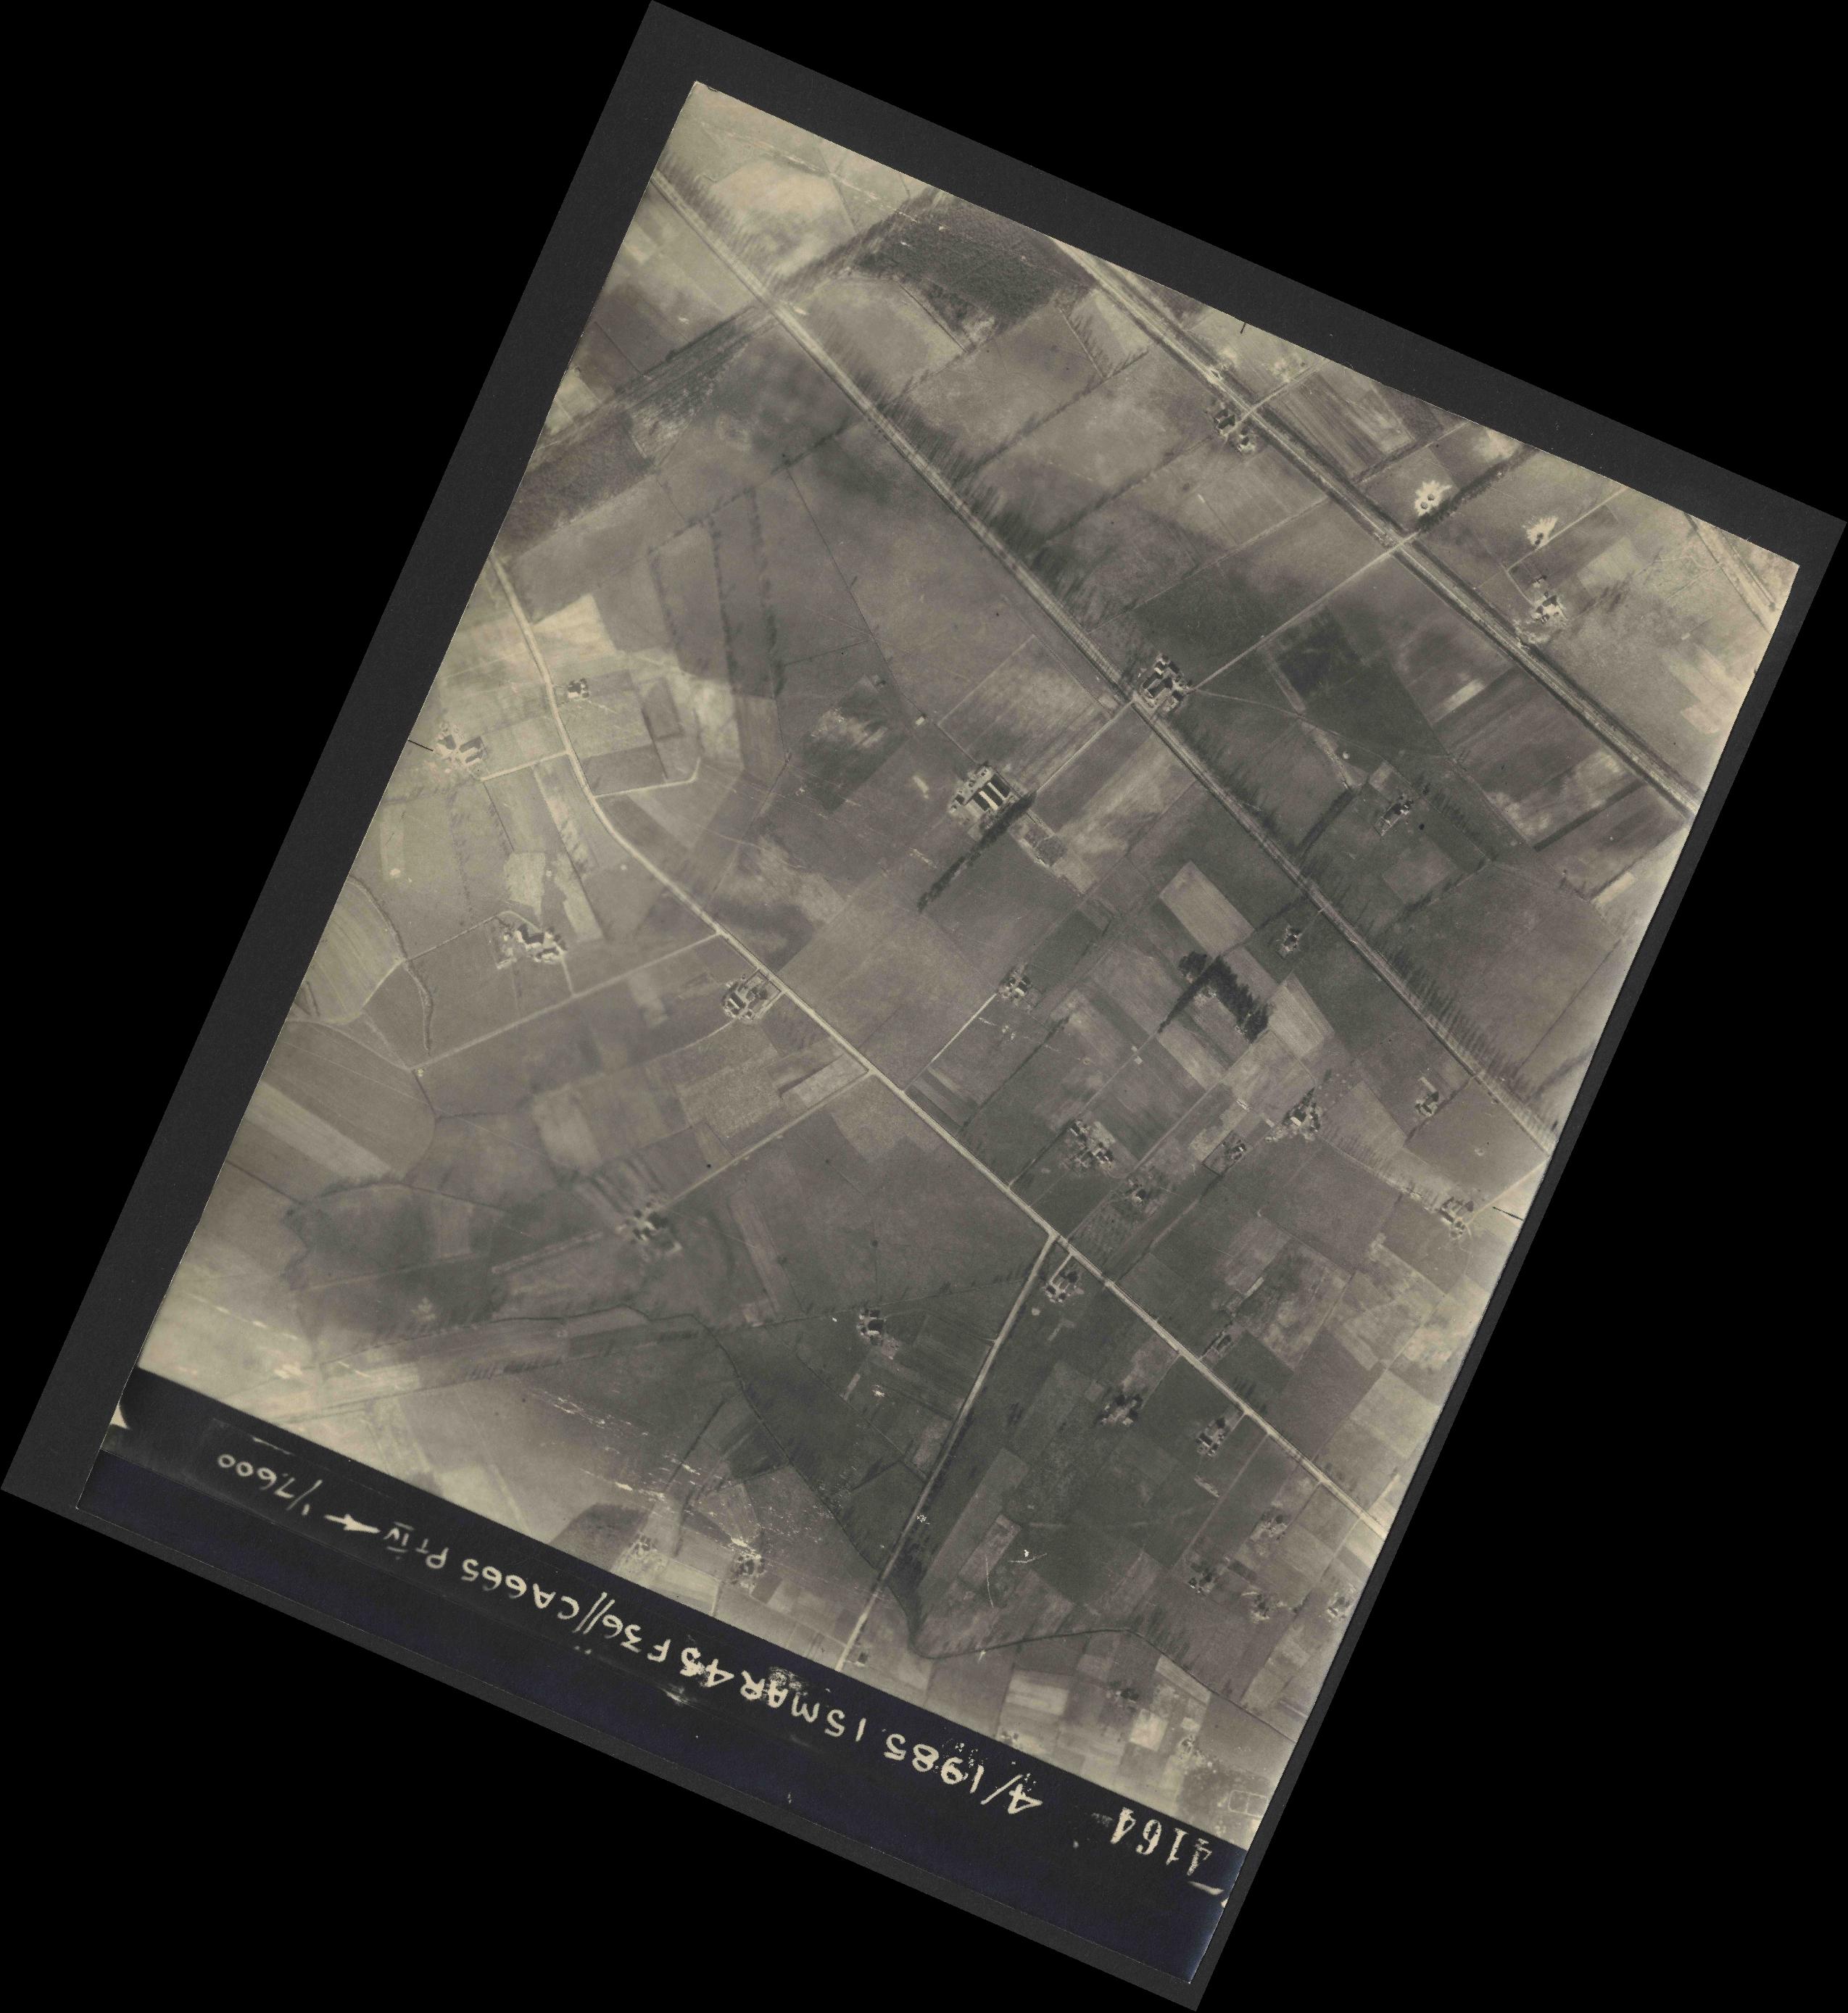 Collection RAF aerial photos 1940-1945 - flight 059, run 06, photo 4164